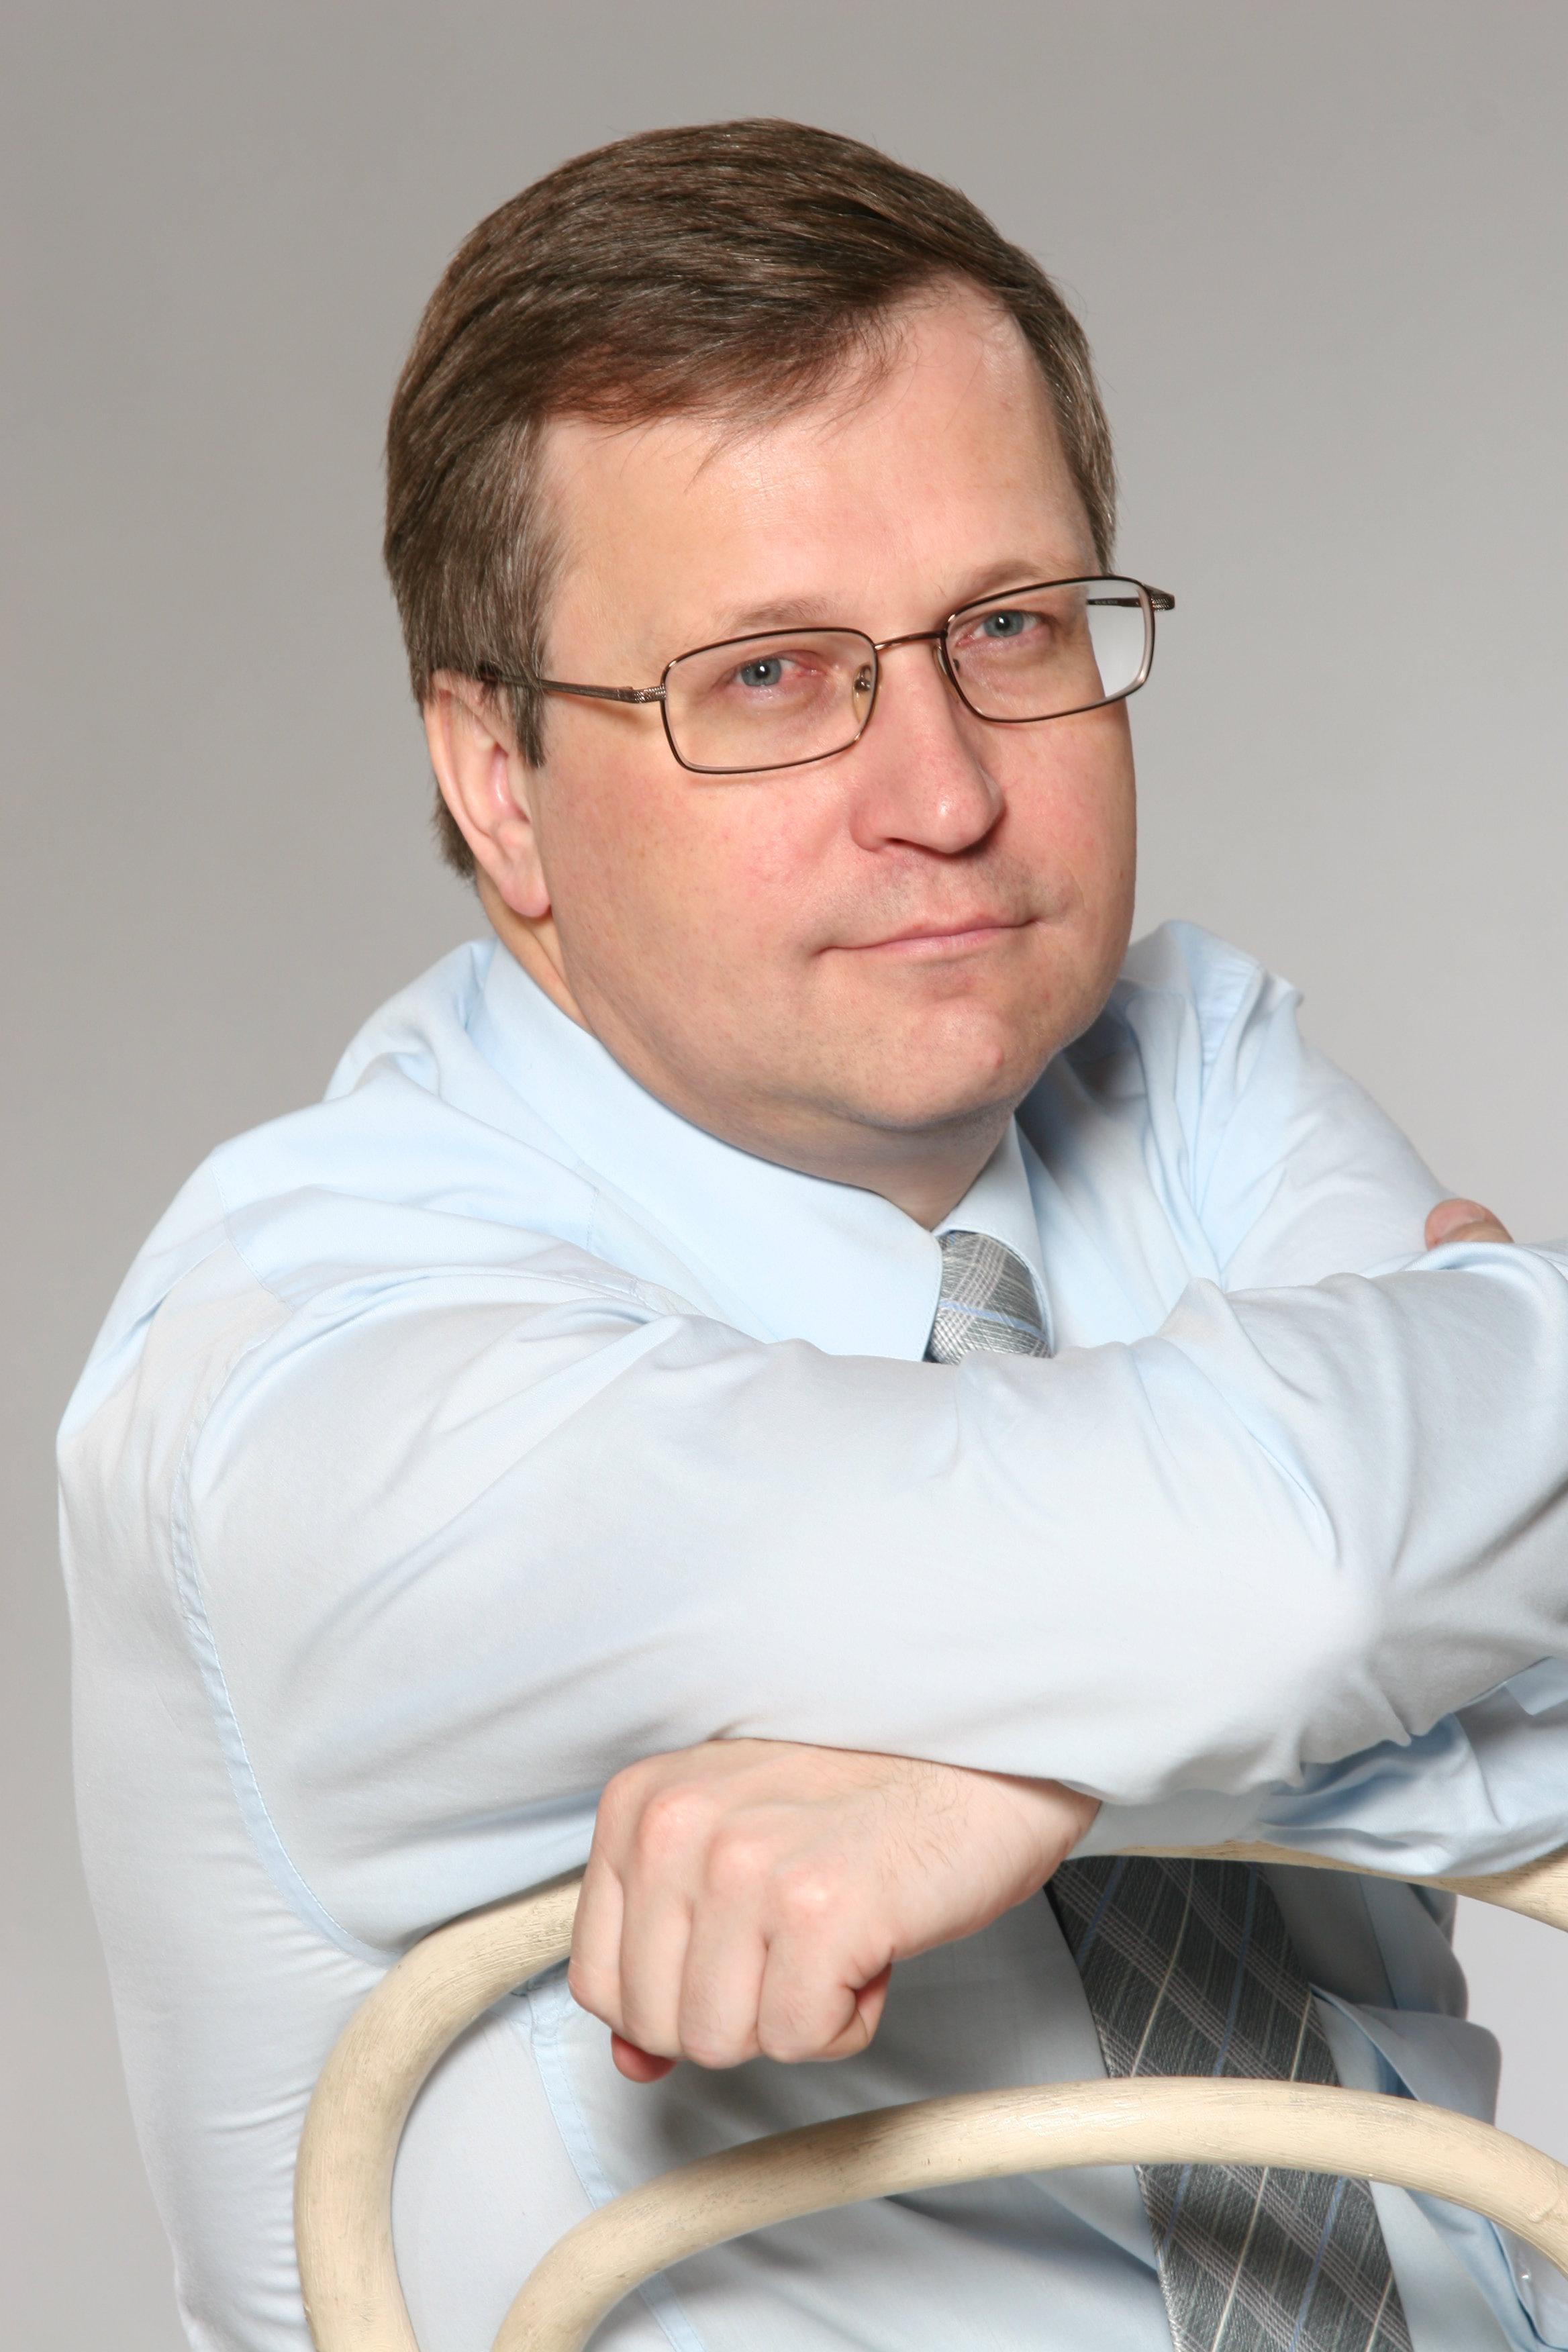 Председатель наблюдательного совета Института демографии, миграции и регионального развития, эксперт в области борьбы с наркоманией Юрий Крупнов. Архив